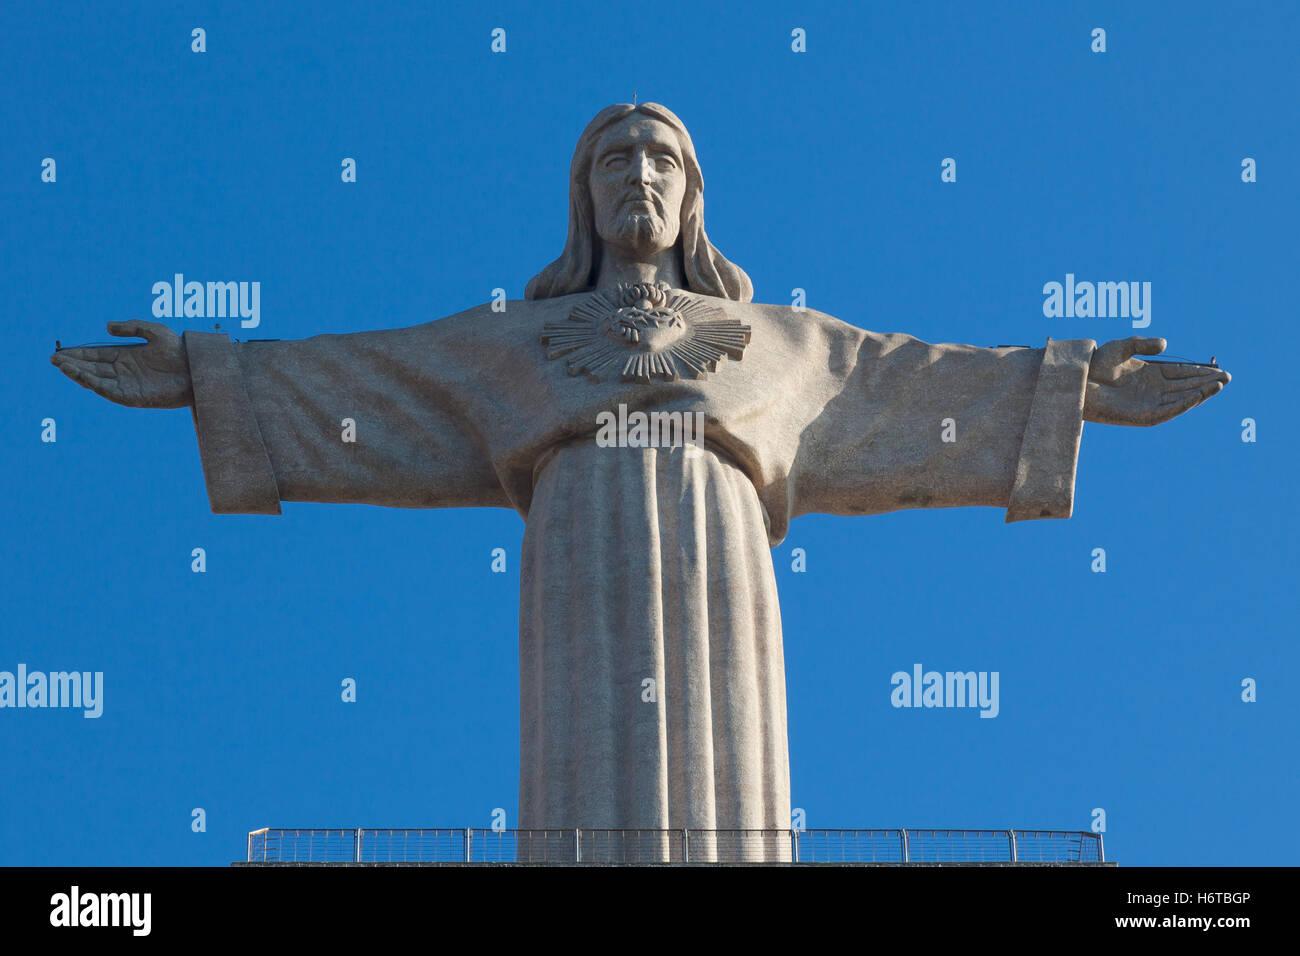 Blaue Reise historische Religion religiösen Glauben Kirche Gott Stadt Stadt Denkmal Memorial berühmte Stockbild